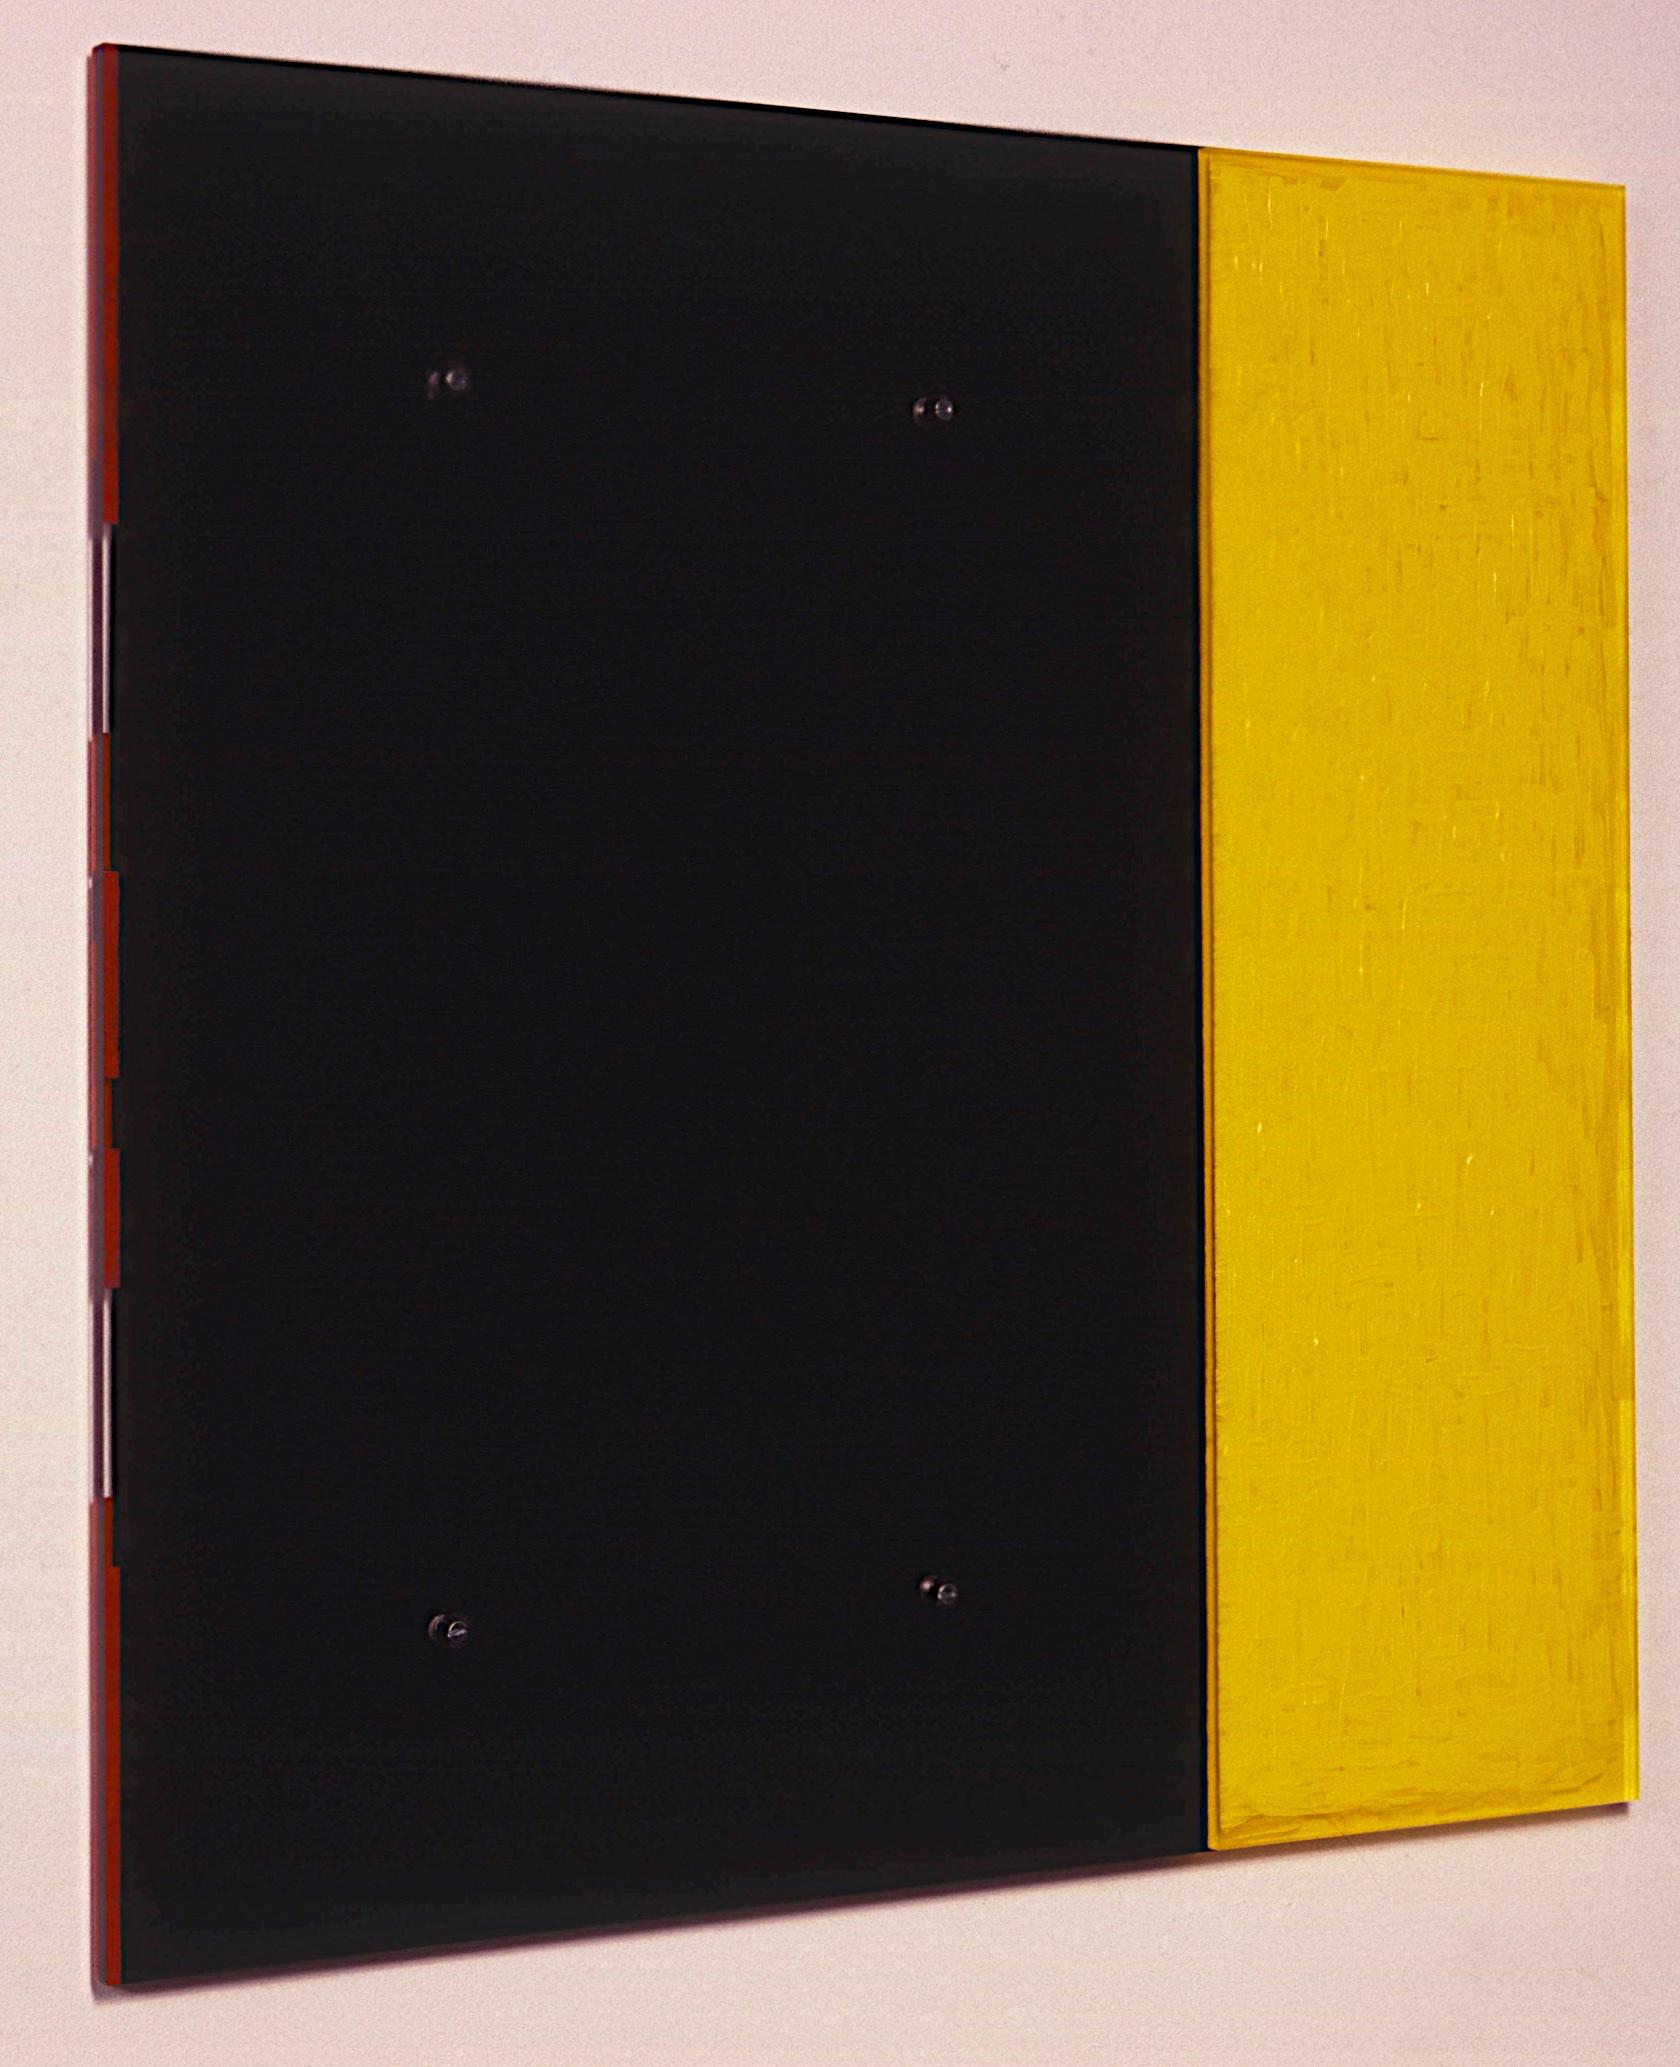 """Untitled, 1991. vinyl on plexi, 28""""x28""""x7/8"""" (Detail)"""